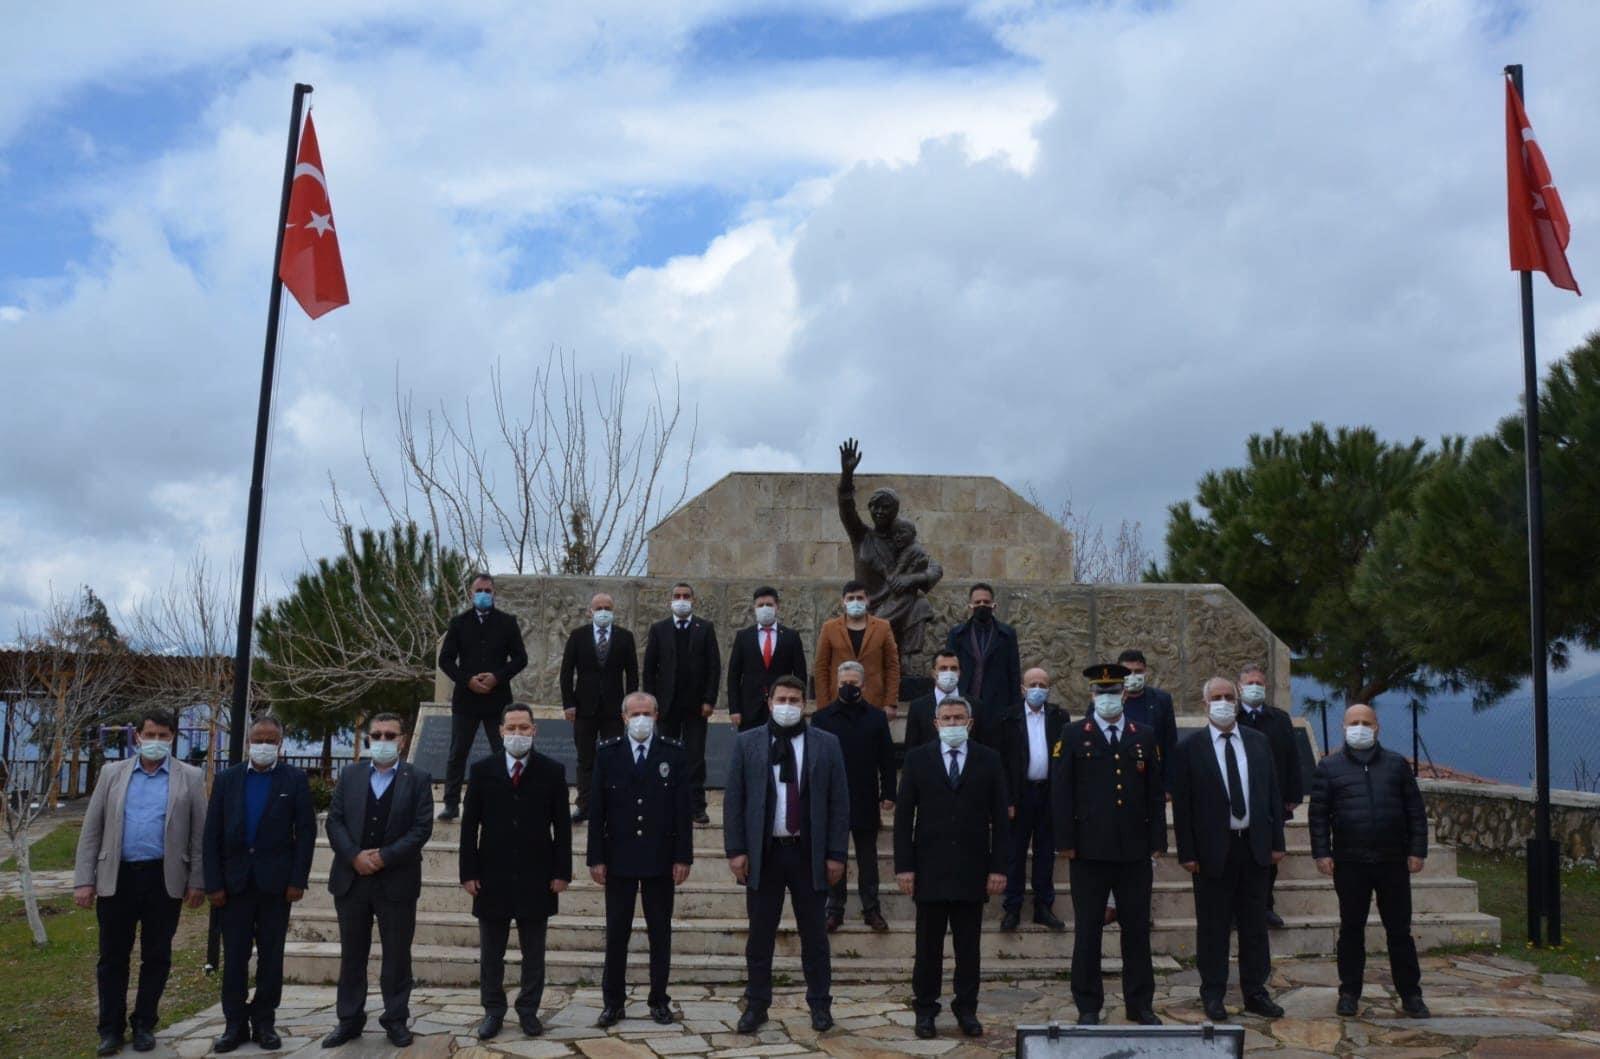 Aydın'ın Köşk İlçesinde Çanakkale Zaferi ve Aziz Şehitlerimiz Dualarla Anıldı